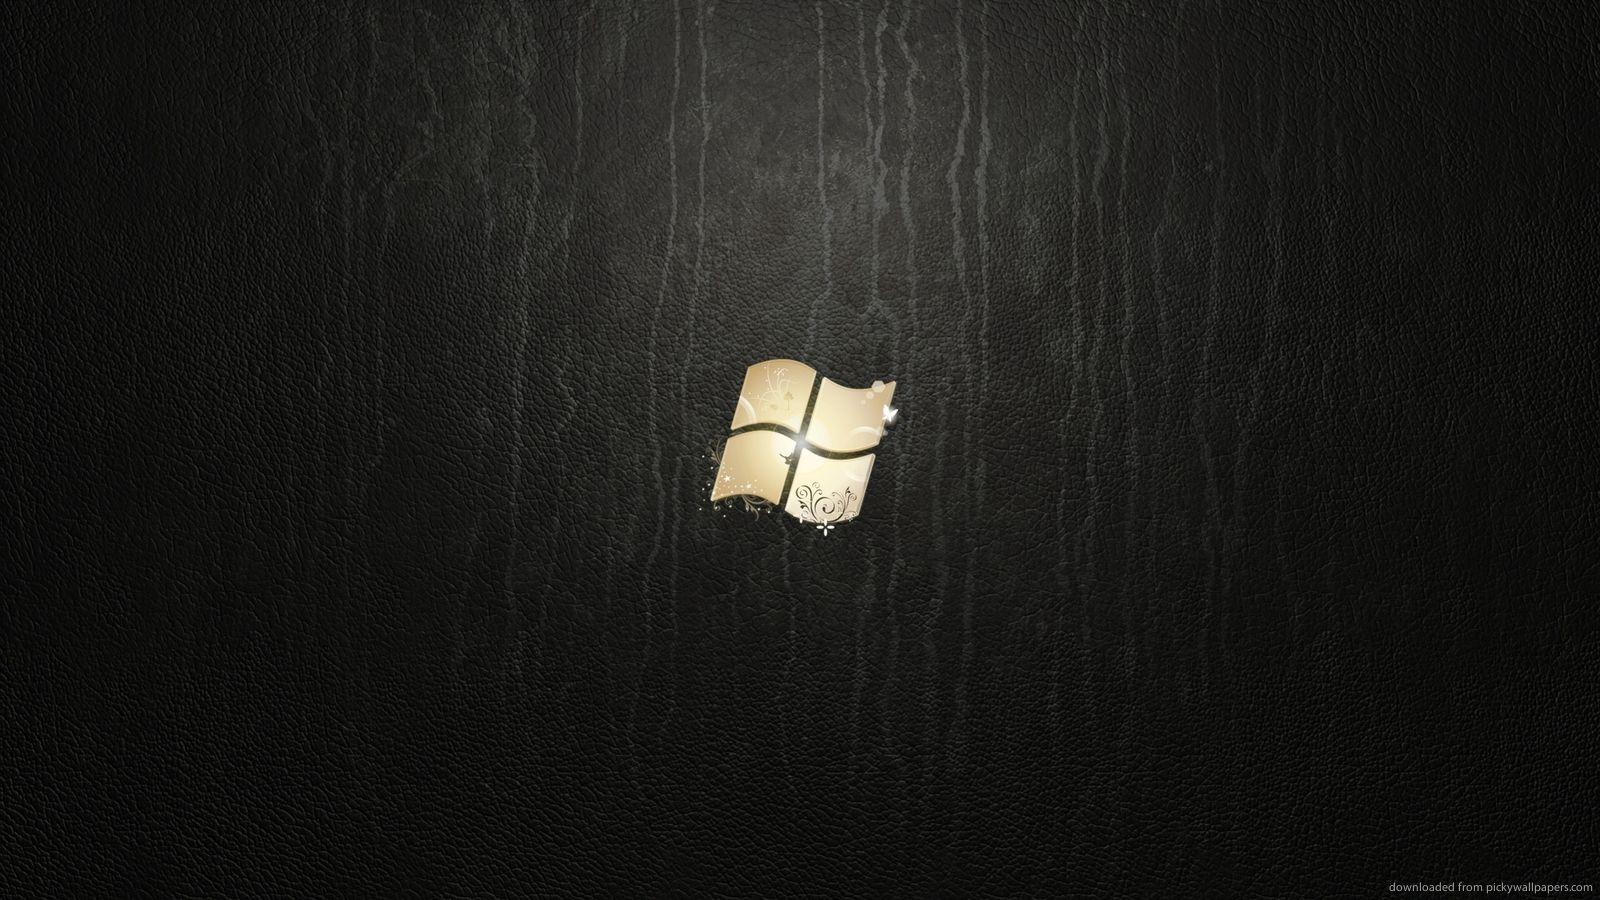 Download Wallpaper x Windows Microsoft Background Dark